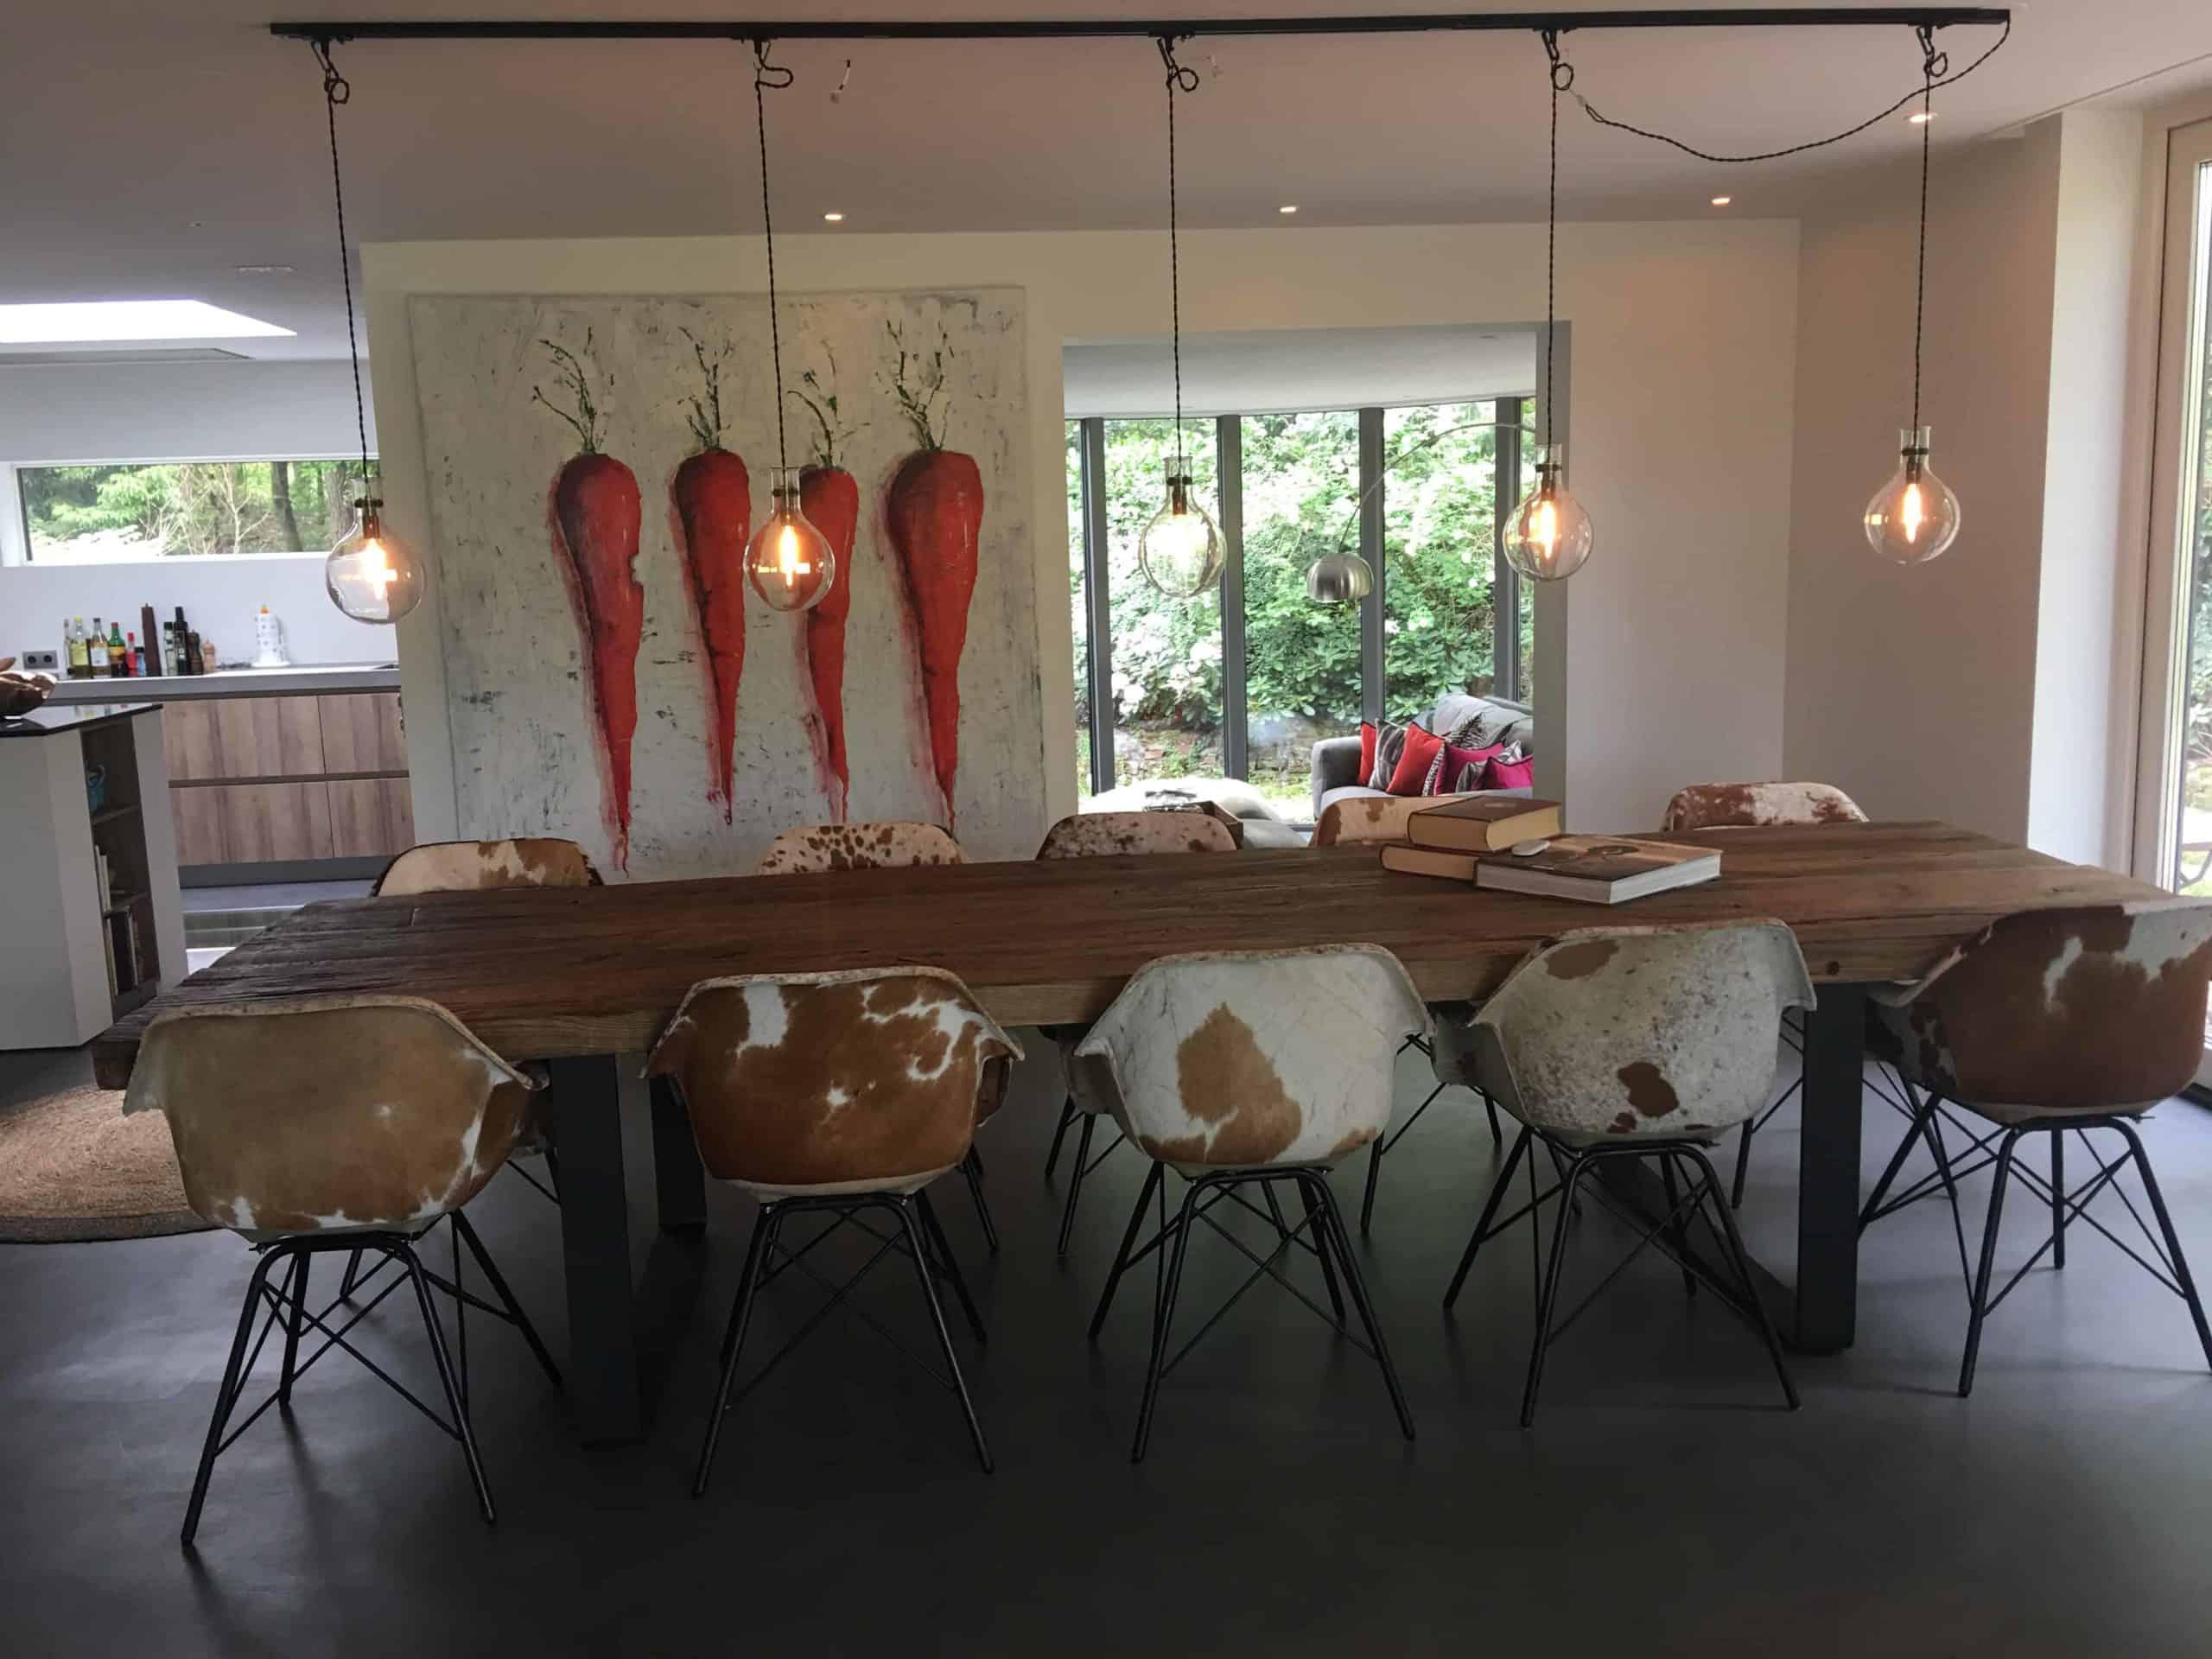 tafels eettafel zongedroogd eiken   Hout en Vorm